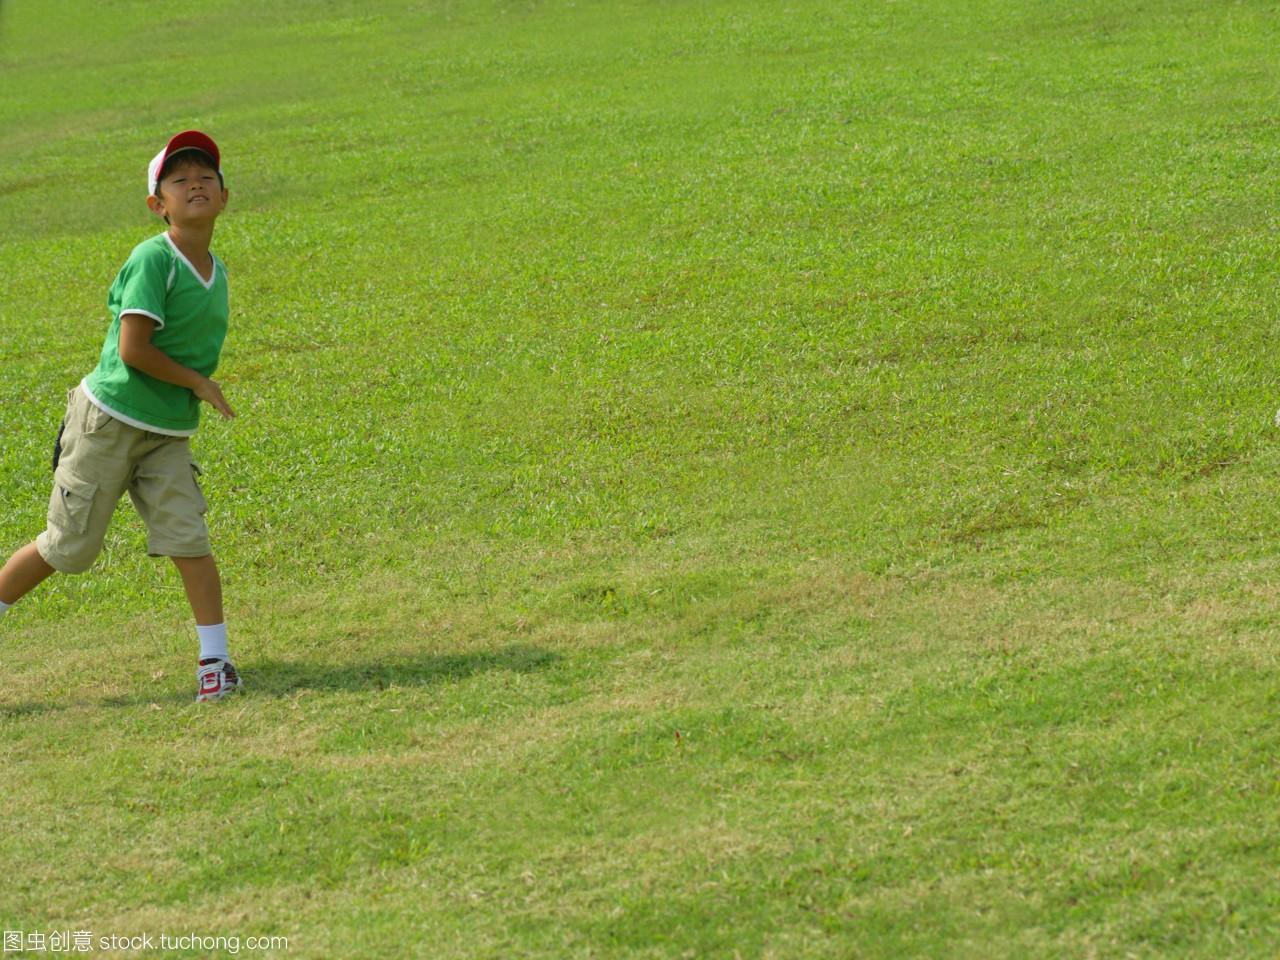 高中在男孩玩v高中游戏黔江新华田野重庆市图片